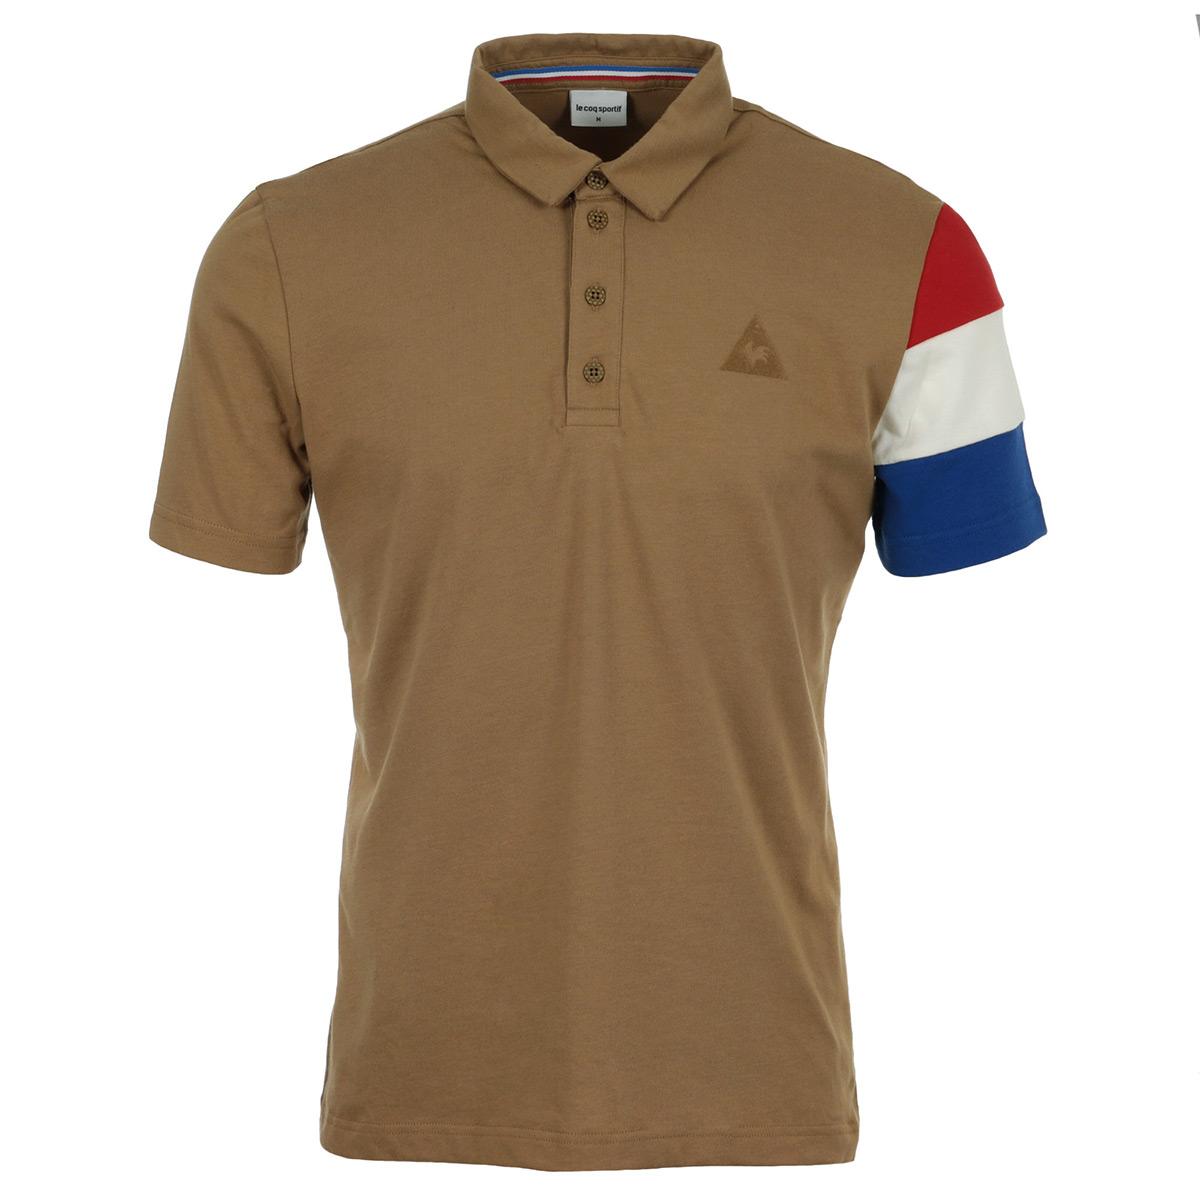 9f1e7a9860b1 Vêtement Polos Le Coq Sportif homme Tri BBR SP Cotontech Polo SS ...